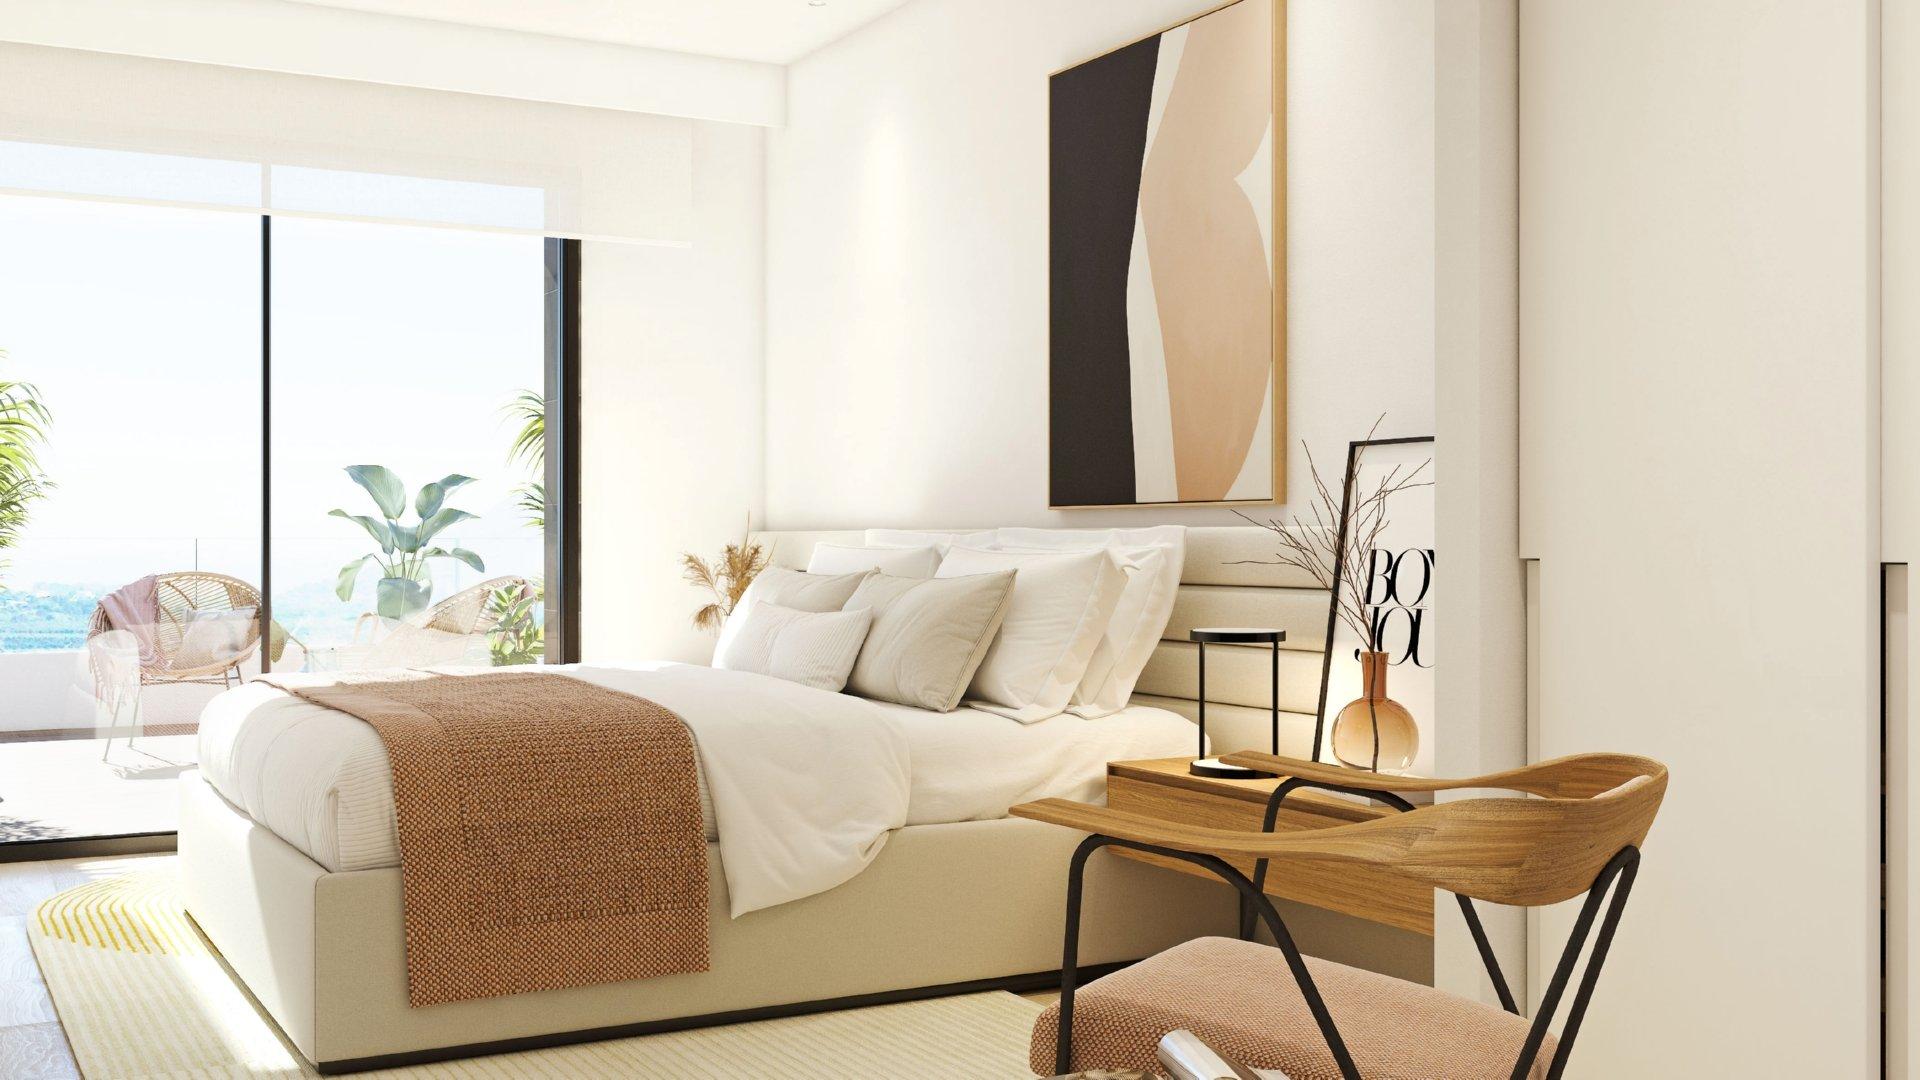 3 slaapkamerappartementen om van het leven te genieten